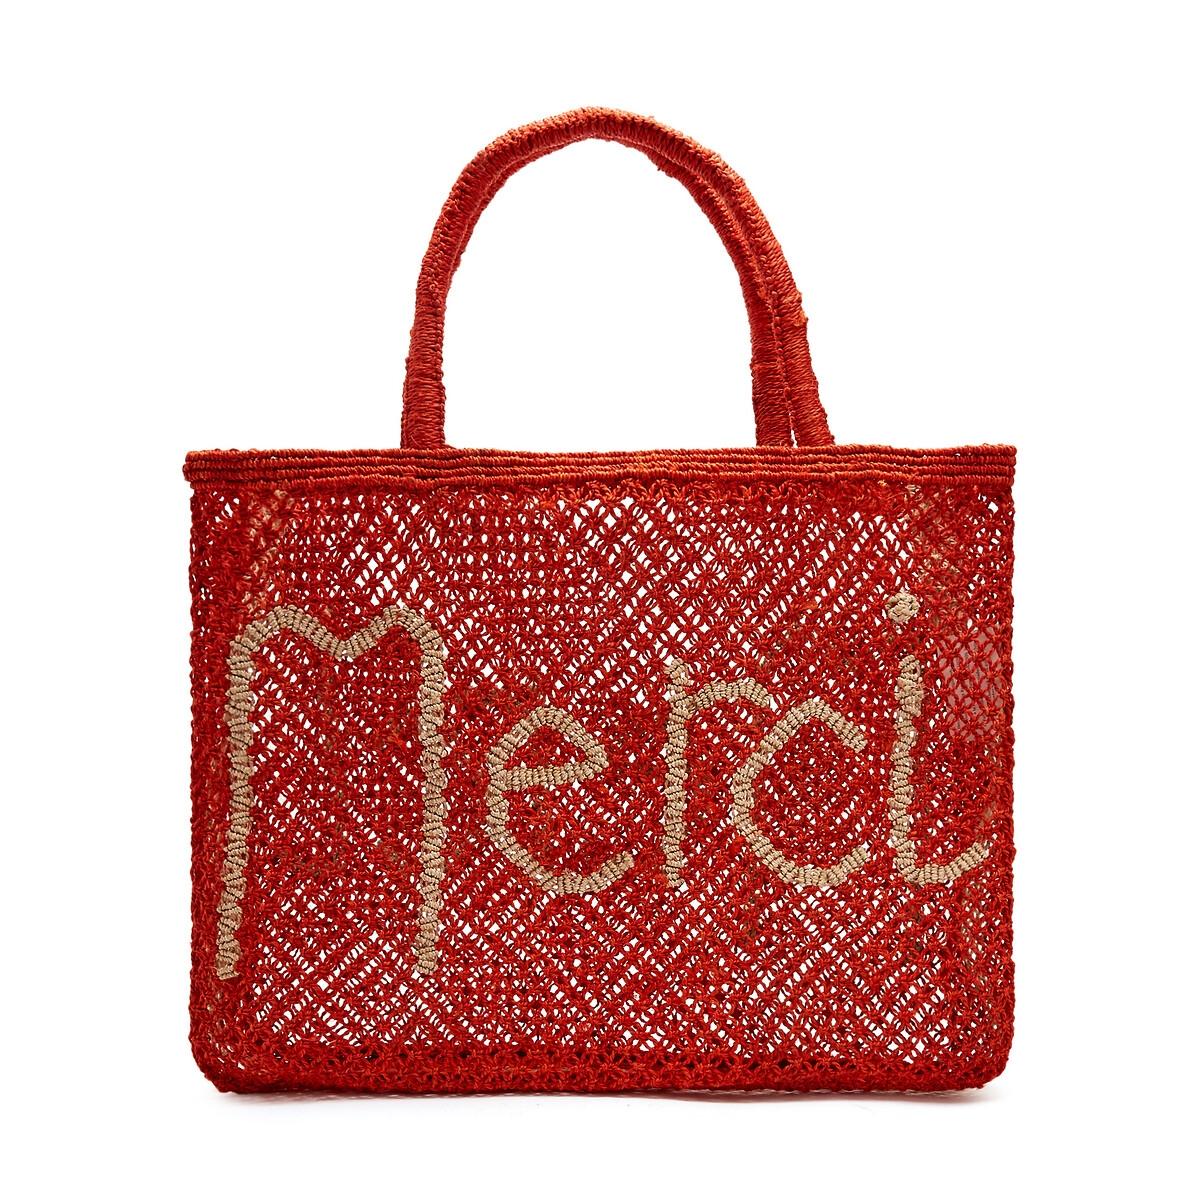 Сумка-шоппер La Redoute Из джута с надписью MERCI единый размер бежевый зеркало la redoute д x в см principe единый размер бежевый